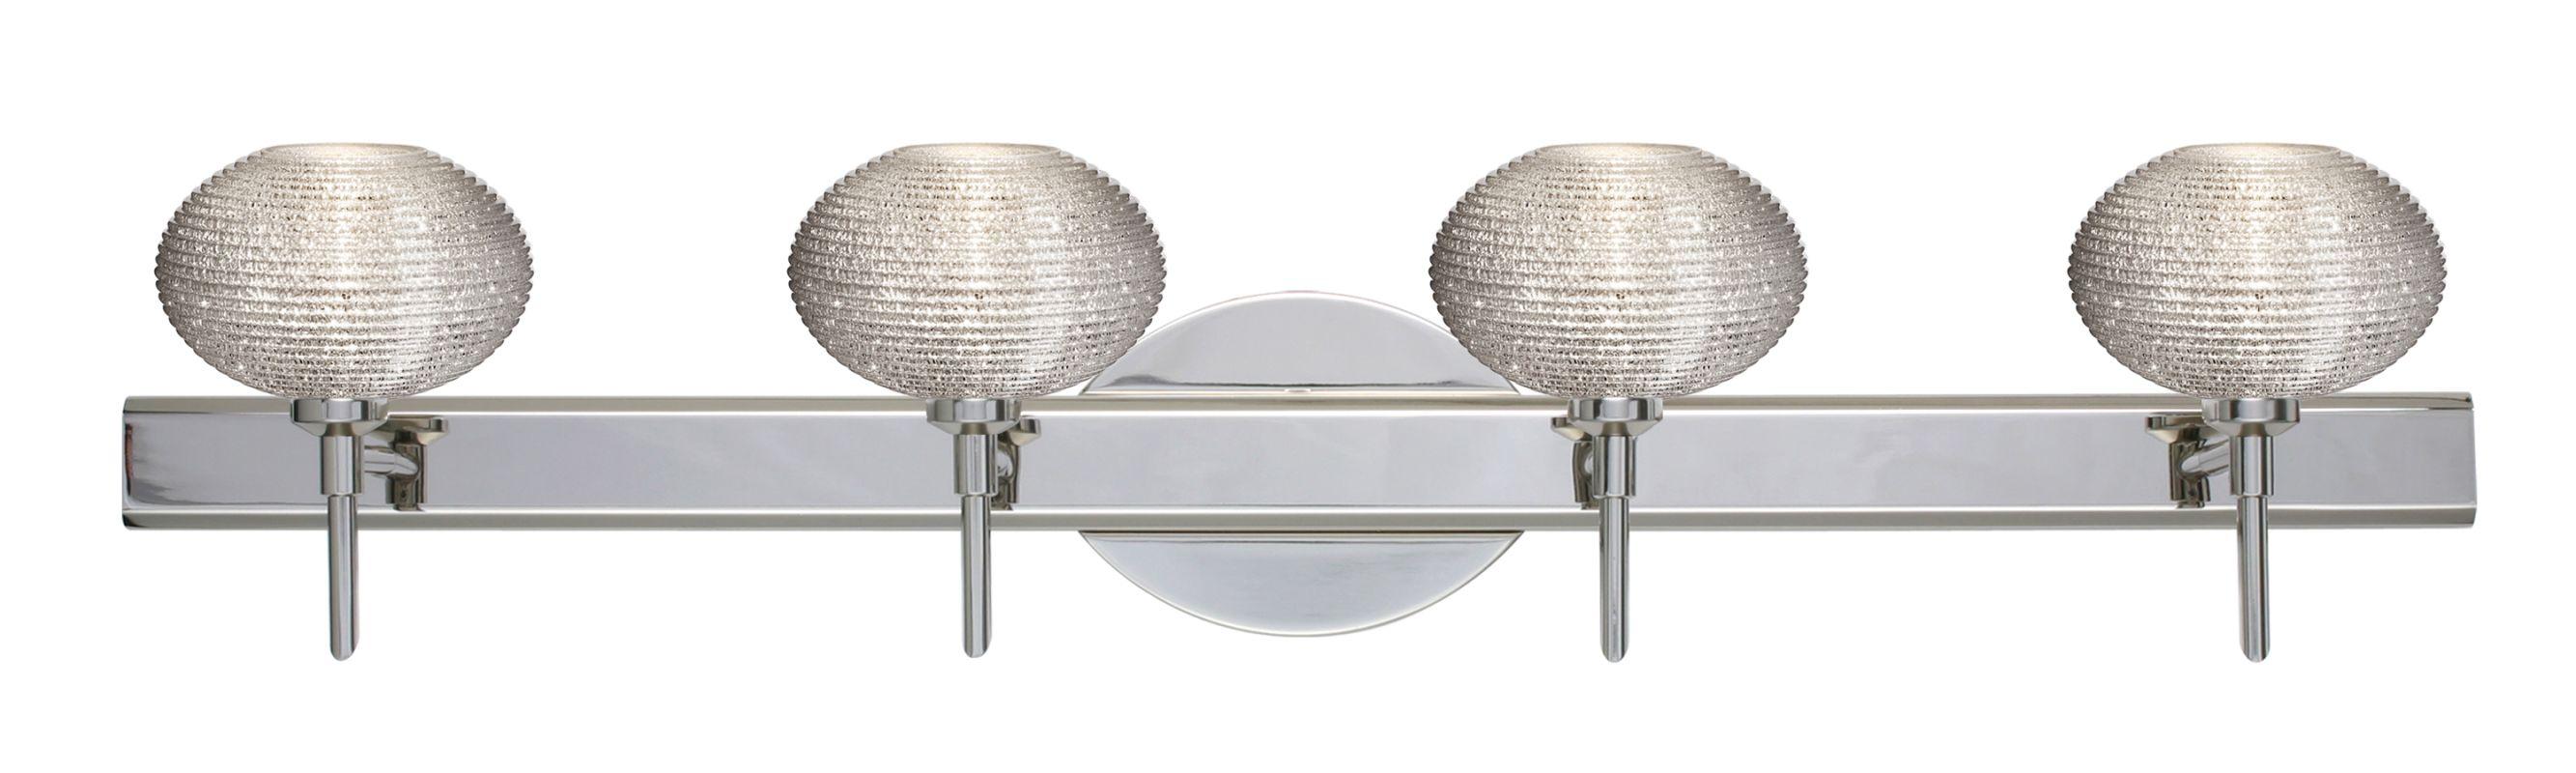 Besa Lighting 4SW-5612GL Lasso 4 Light Reversible Halogen Bathroom